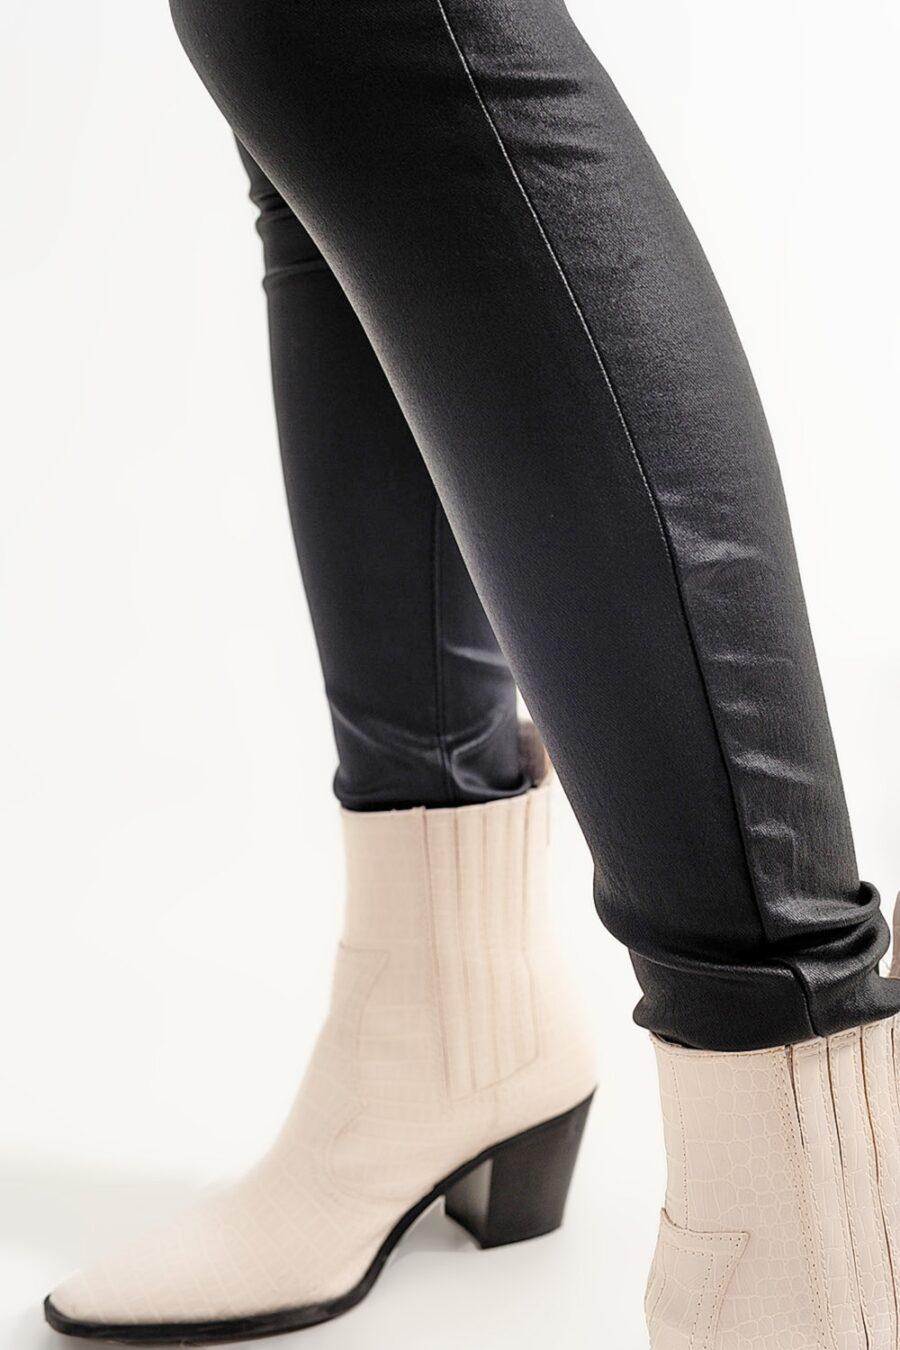 """<p id=""""description"""">¡Estos pantalones son la ropa formal perfecta! Están hechos de piel sintética y tienen un cinturón y bolsillos laterales para guardar todos tus elementos esenciales. Combínalos con tu blusa o camisa de vestir favorita.</p> <div id=""""extra_info""""> <div id=""""composition"""">78% Viscosa 18% Poliamida 4% Elastane</div> <div id=""""model_size"""">La modelo lleva la talla S.</div> <div id=""""model_size""""></div> <div id=""""fit"""">La modelo mide: 87-61-89 Altura: 1'80m.</div> <div id=""""fit"""">Talla normal.</div> <div id=""""fit"""">Super Ajustado.</div> <div id=""""fit"""">Tiro: alto.</div> <div id=""""fit"""">Largo: regular.</div> </div> Alabama Shop"""